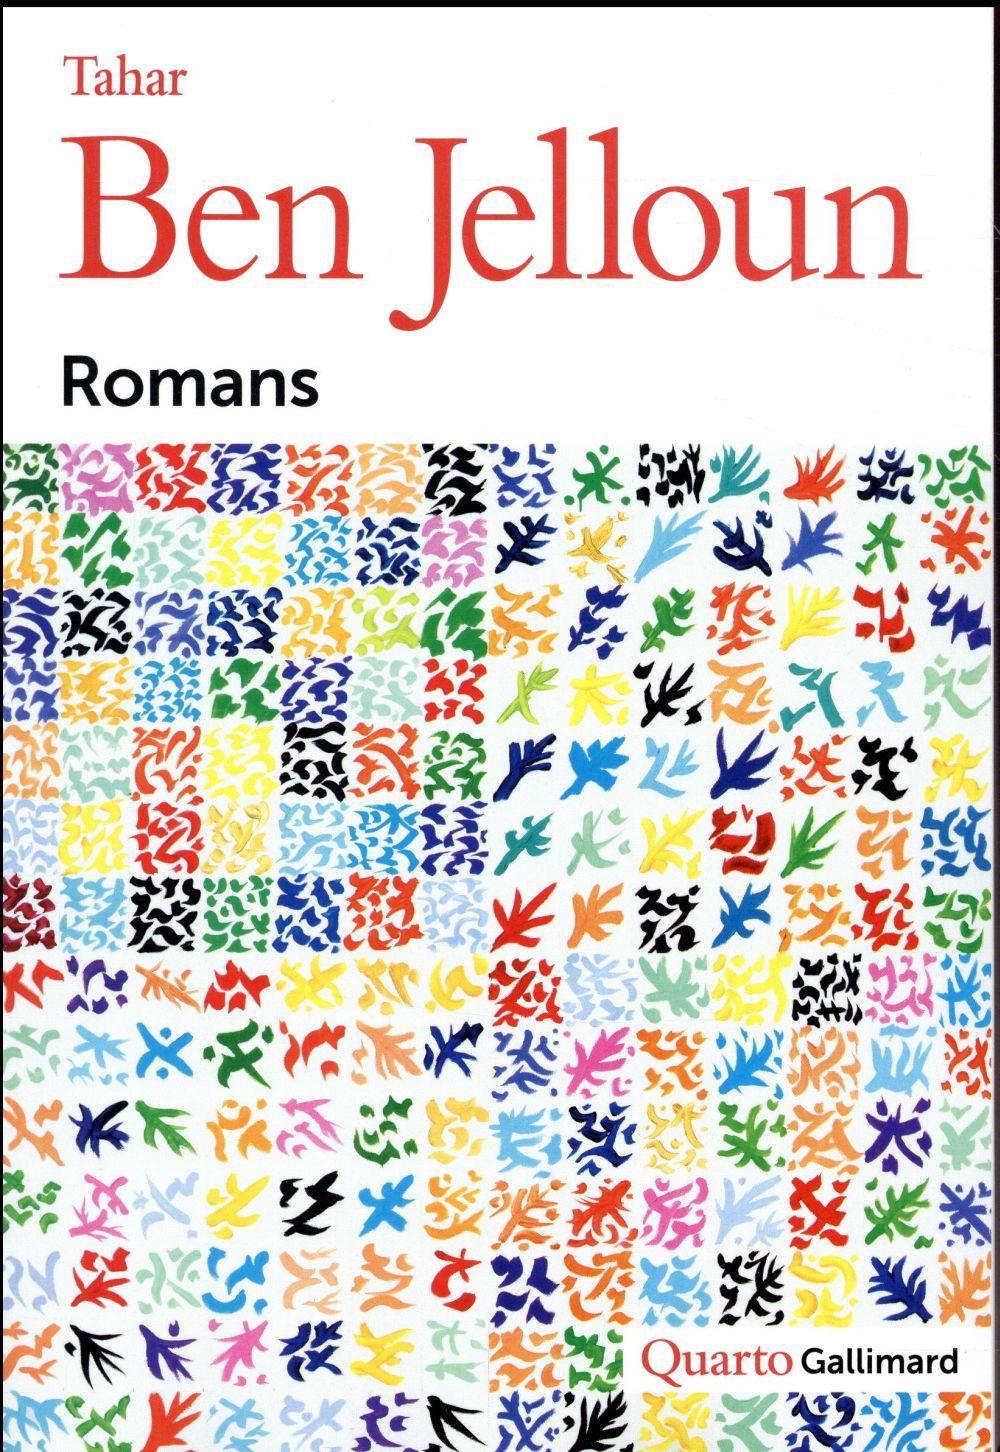 ROMANS BEN JELLOUN TAHAR Gallimard